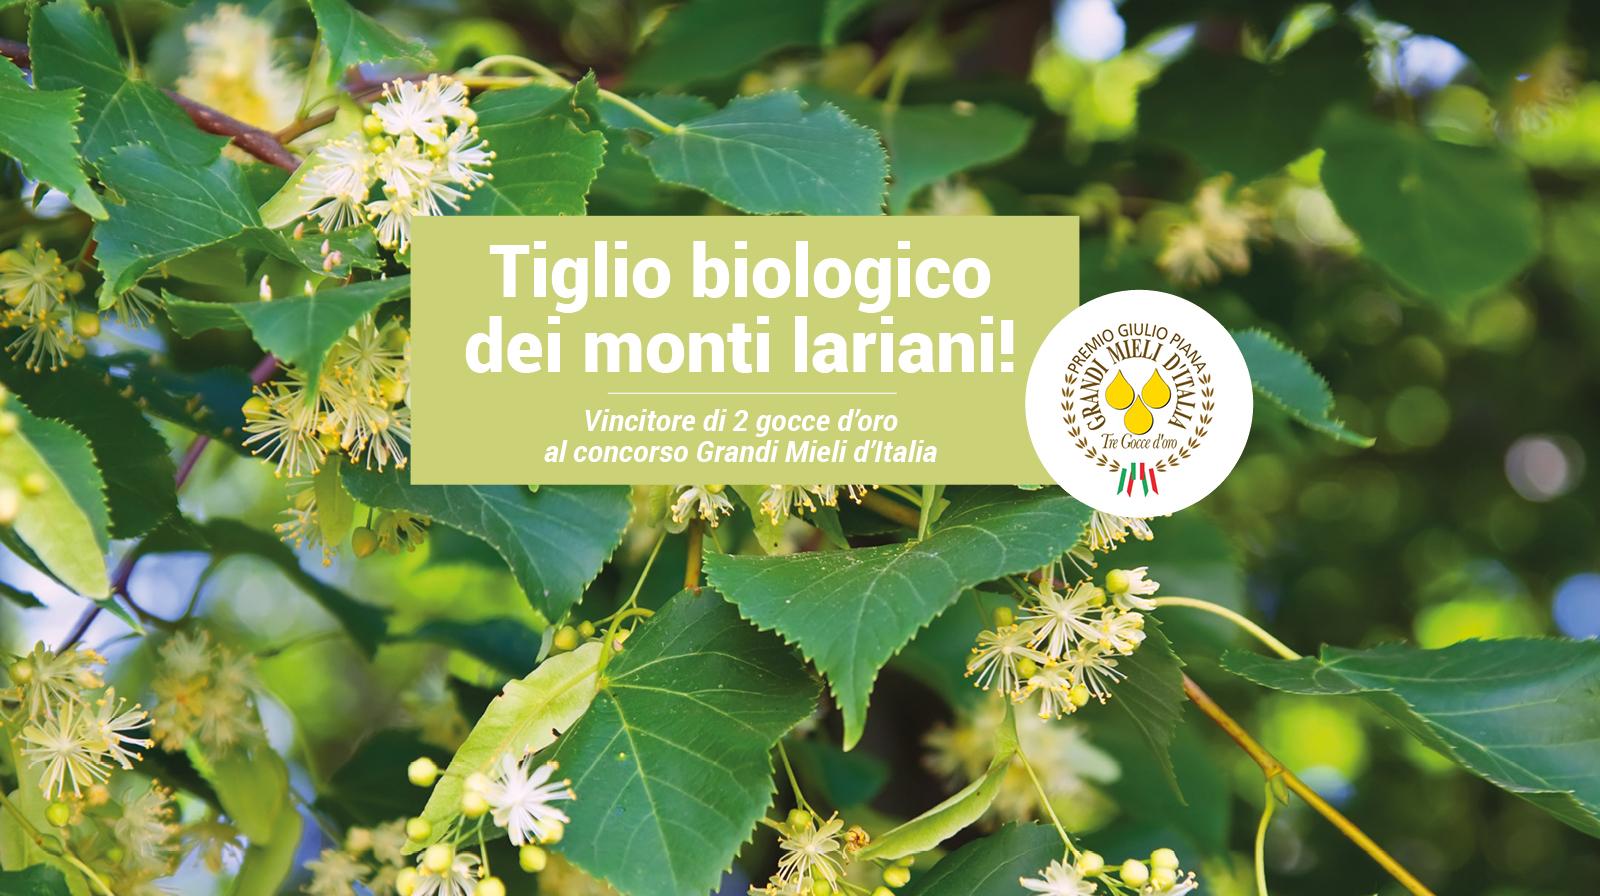 Agape Azienda Agricola Miele Biologico Como Monti Lariani Goccia Oro